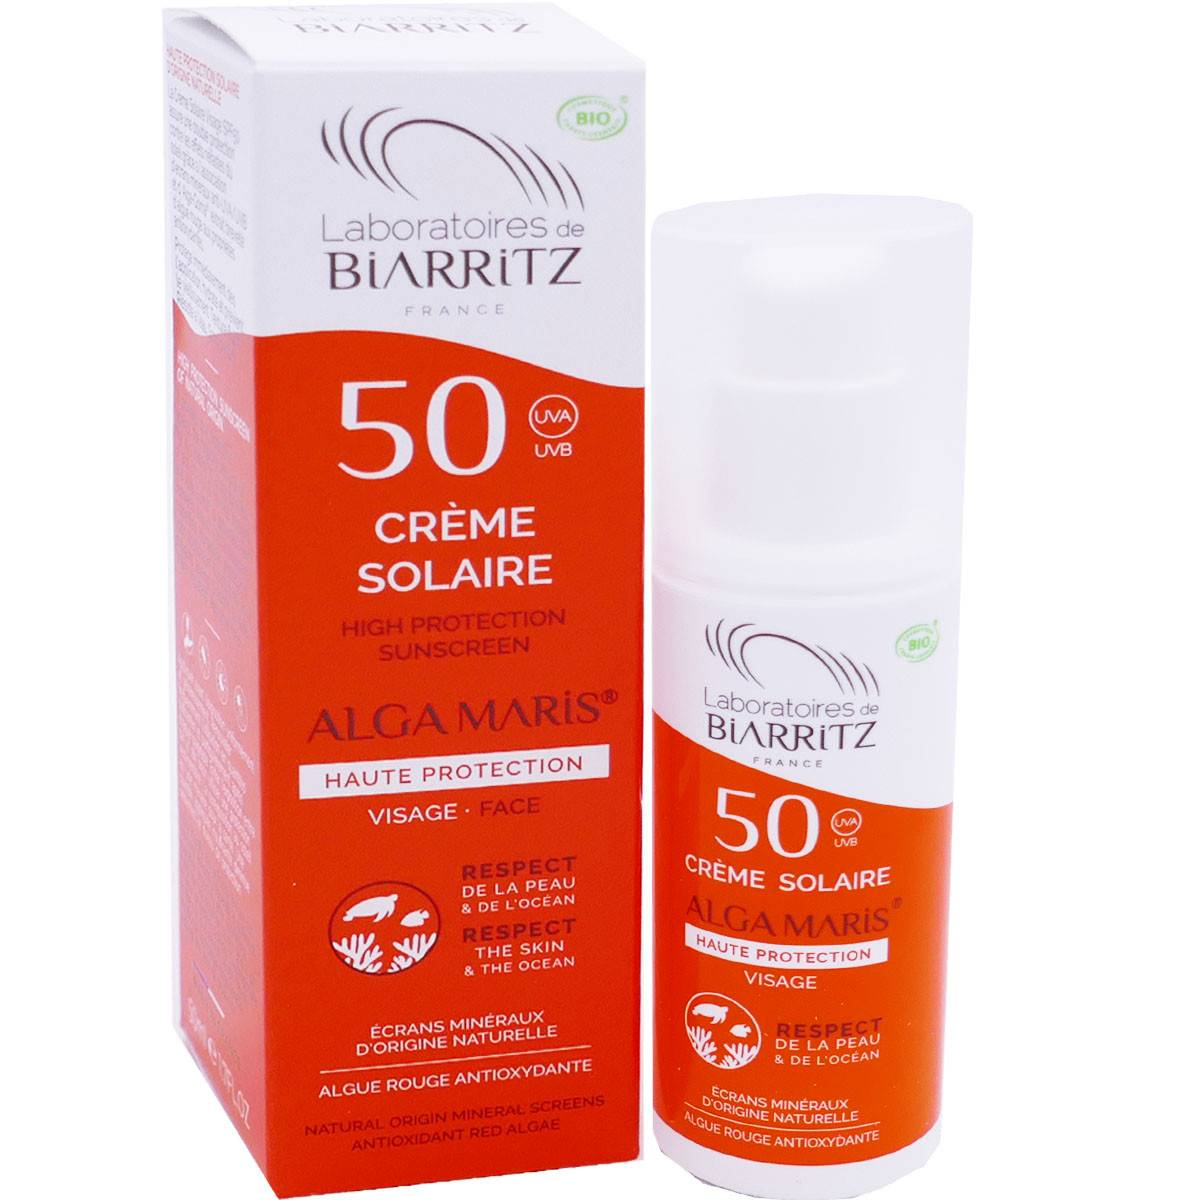 Biarritz crÈme solaire 50 alga maris 50ml bio